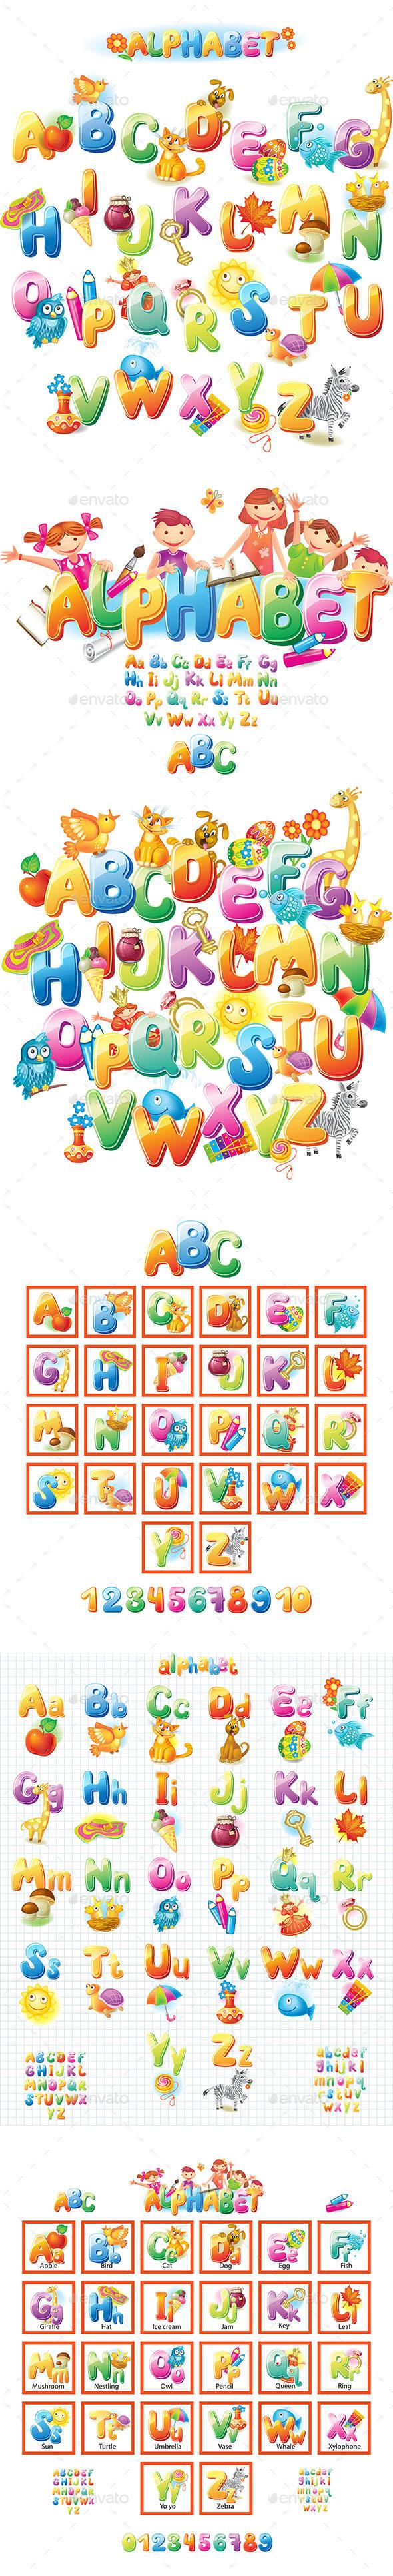 GraphicRiver Alphabet for Kids 10685874